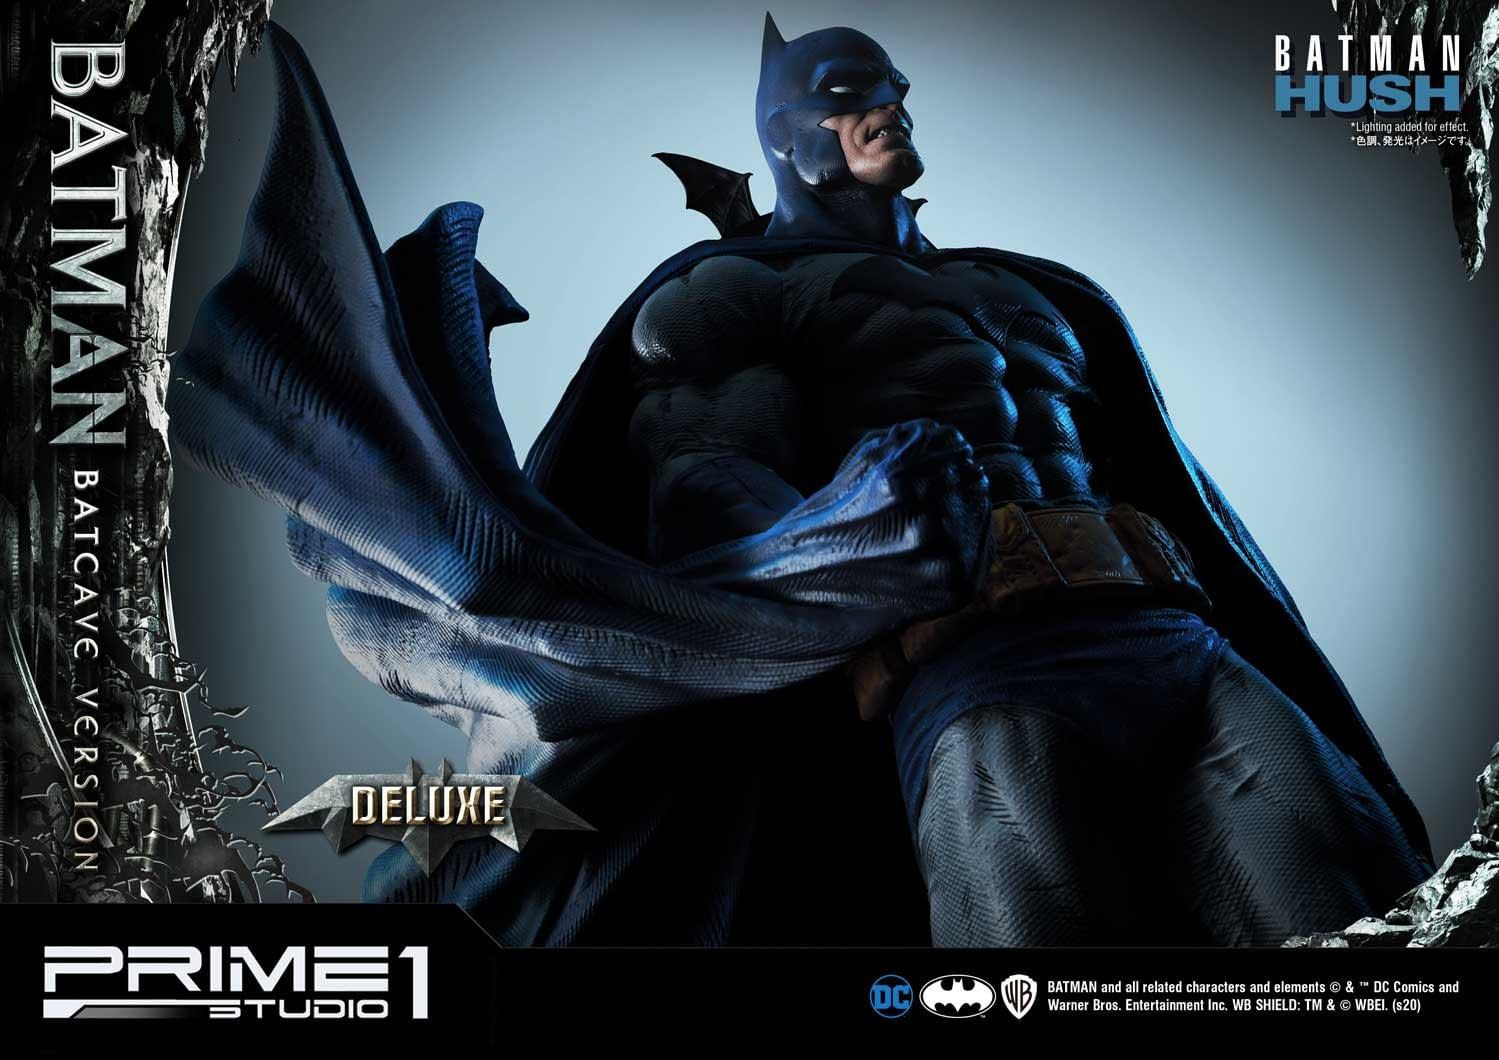 Prime-1-Batman-Batcave-Version-009